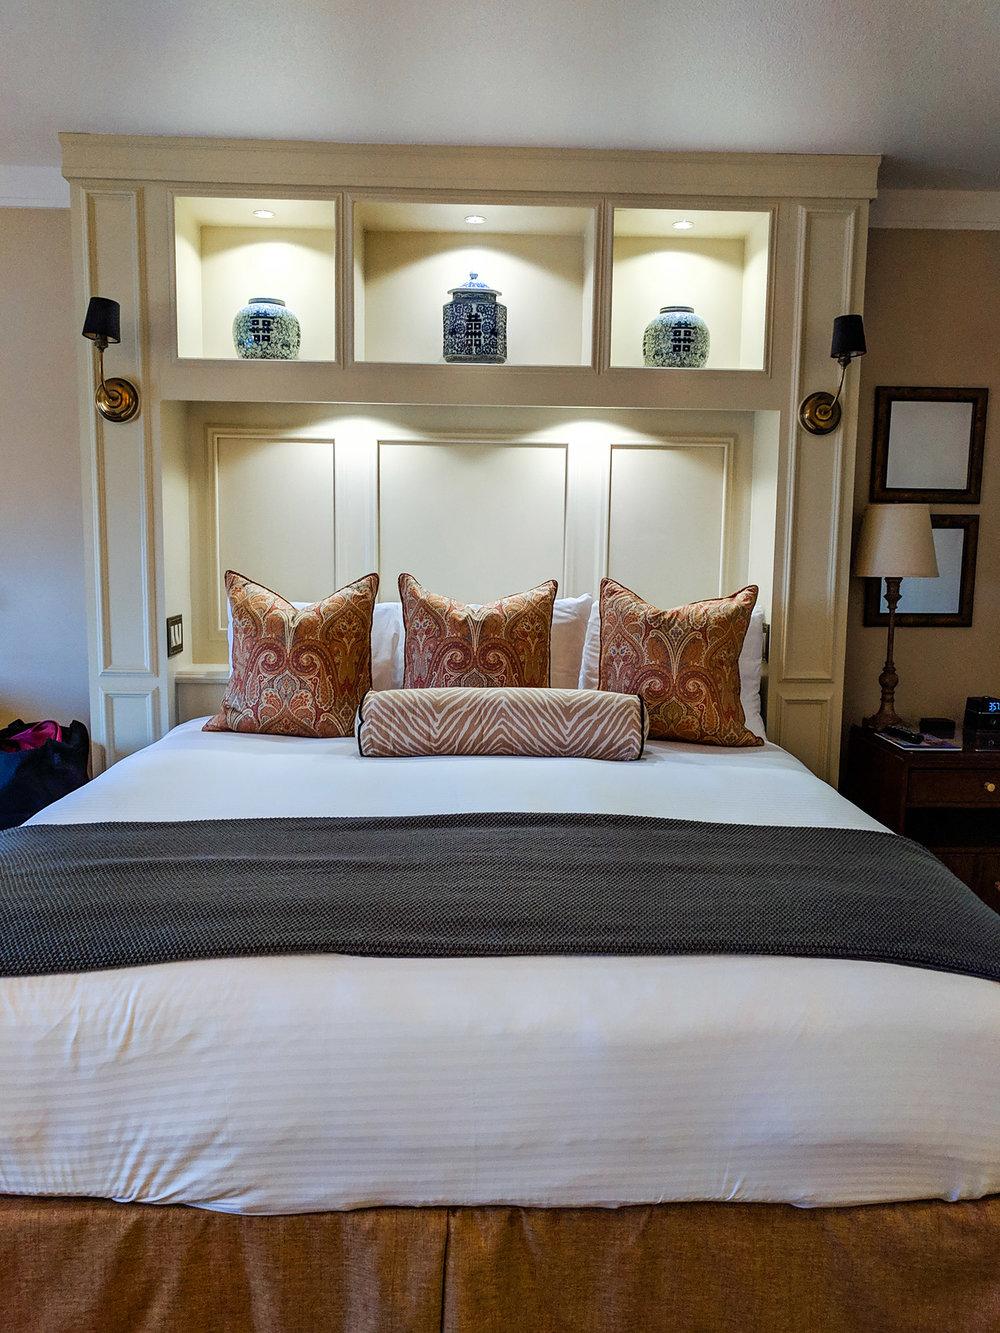 Napa River Inn bed